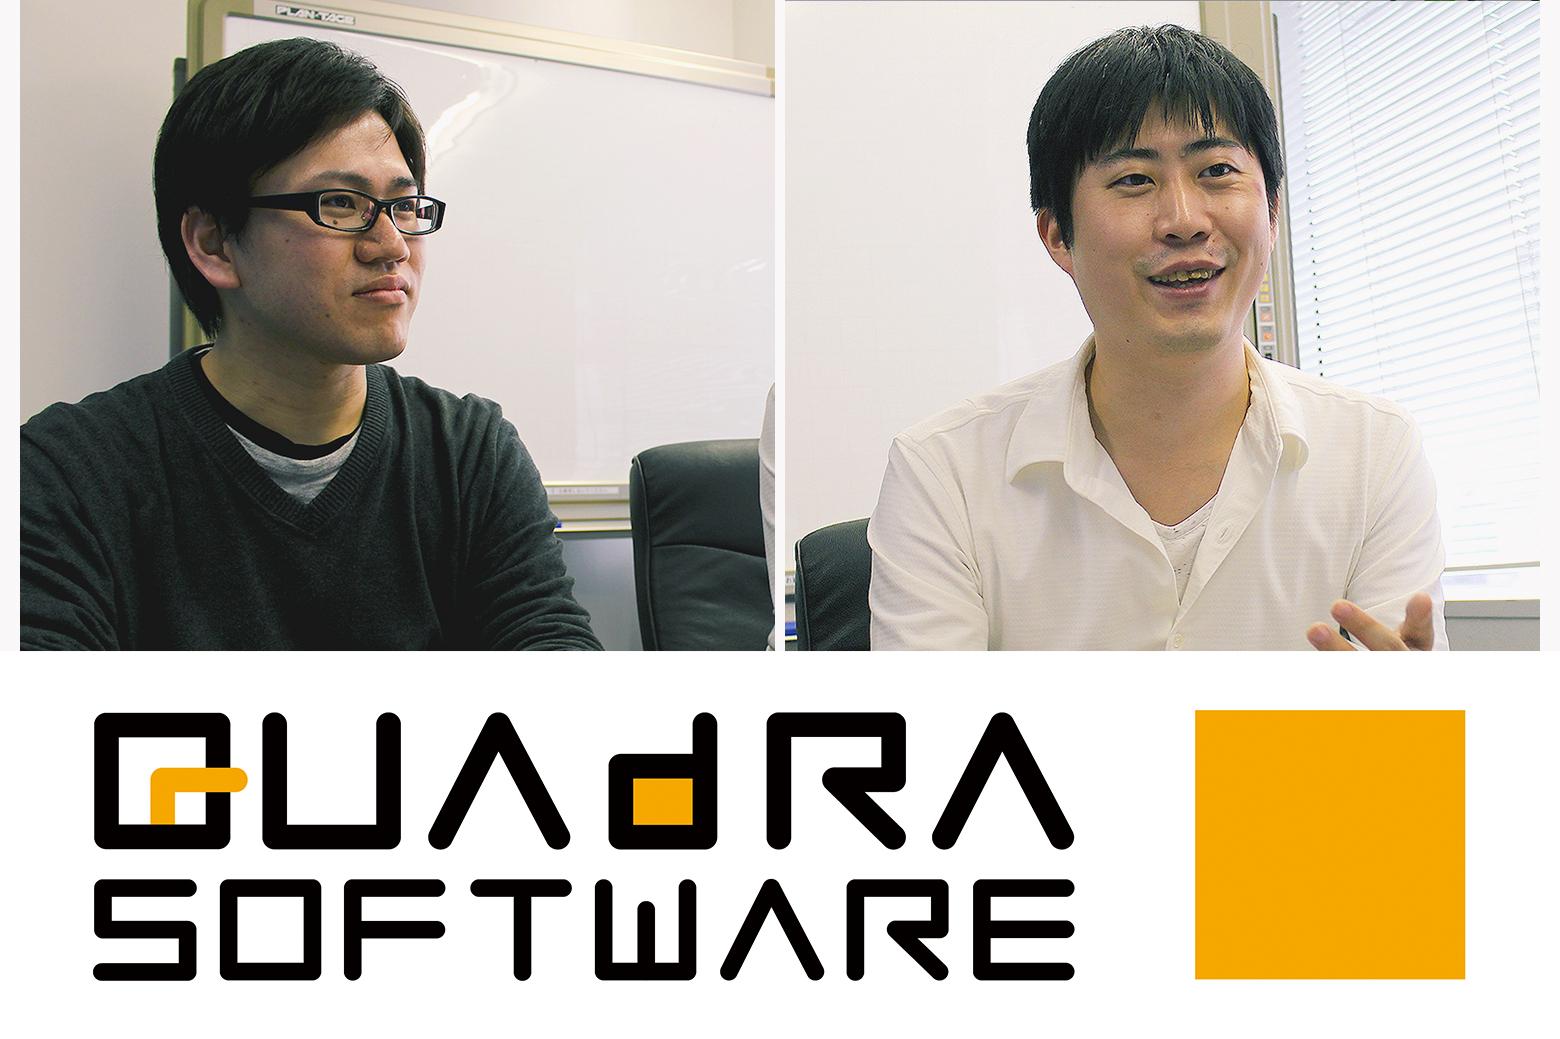 社員の夢がつまった自社アプリで、デベロッパーから次のステージへ。クアドラソフトウェア株式会社様(大阪)